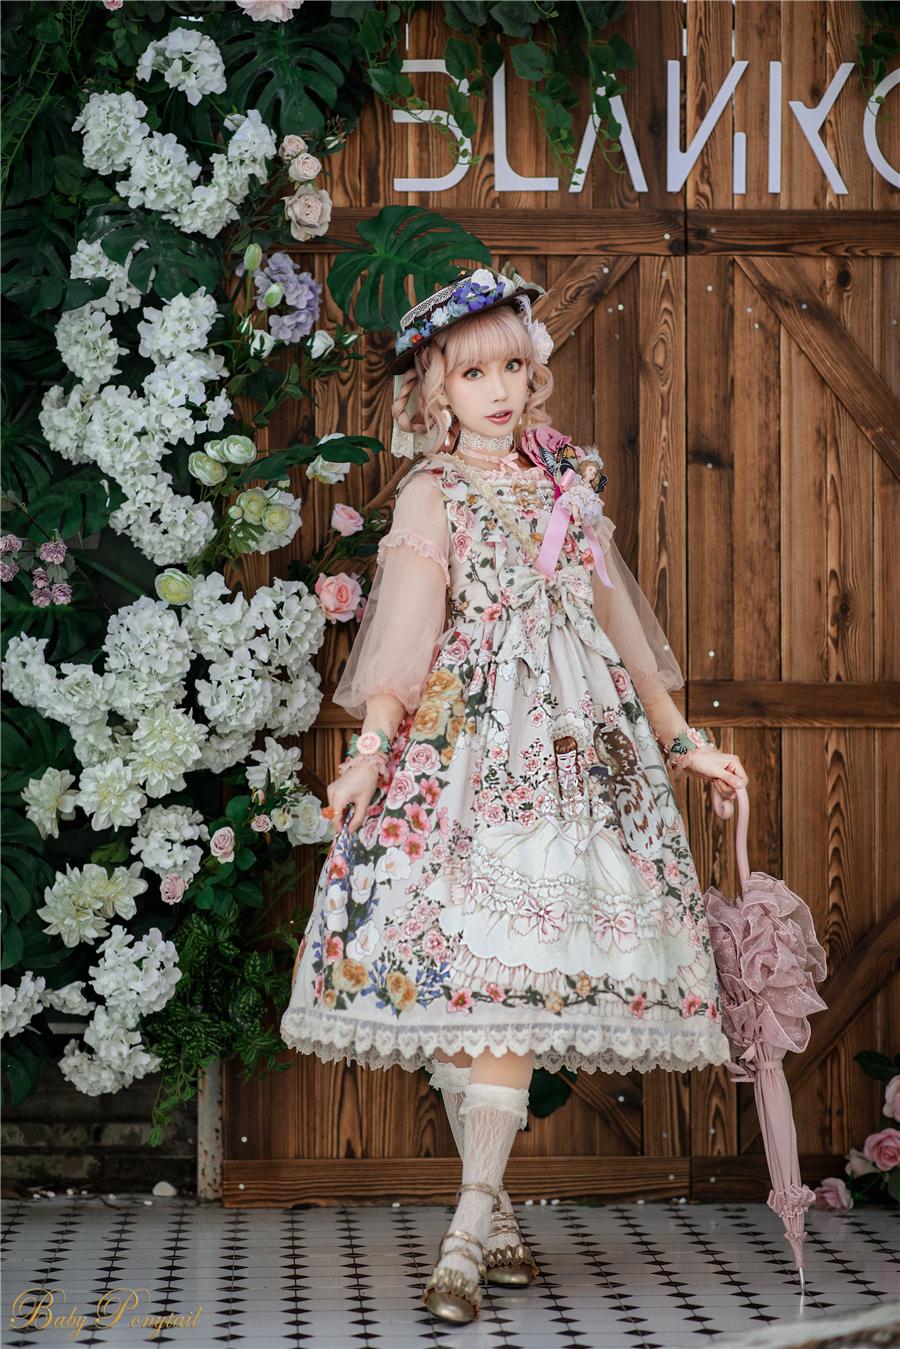 Baby Ponytail_Model Photo_Polly's Garden of Dreams_JSK Ivory_Kaka20.jpg